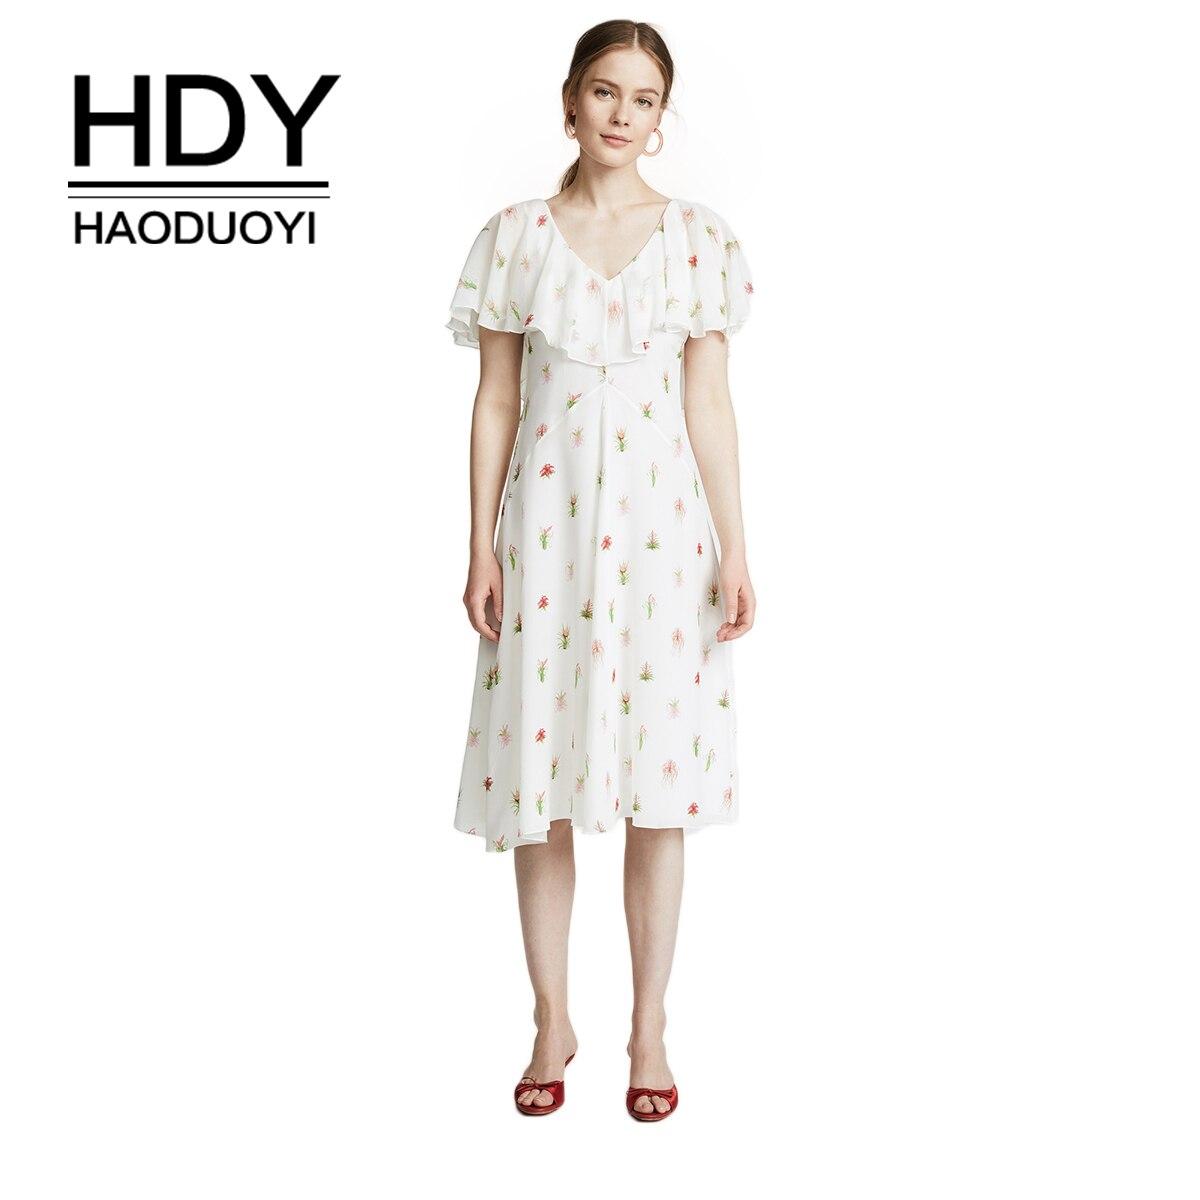 HDY Haoduoyi короткий комбинезон с цветочным принтом, белое сексуальное шифоновое платье с открытой спиной, оборками, пэчворк, v-образный вырез, к...